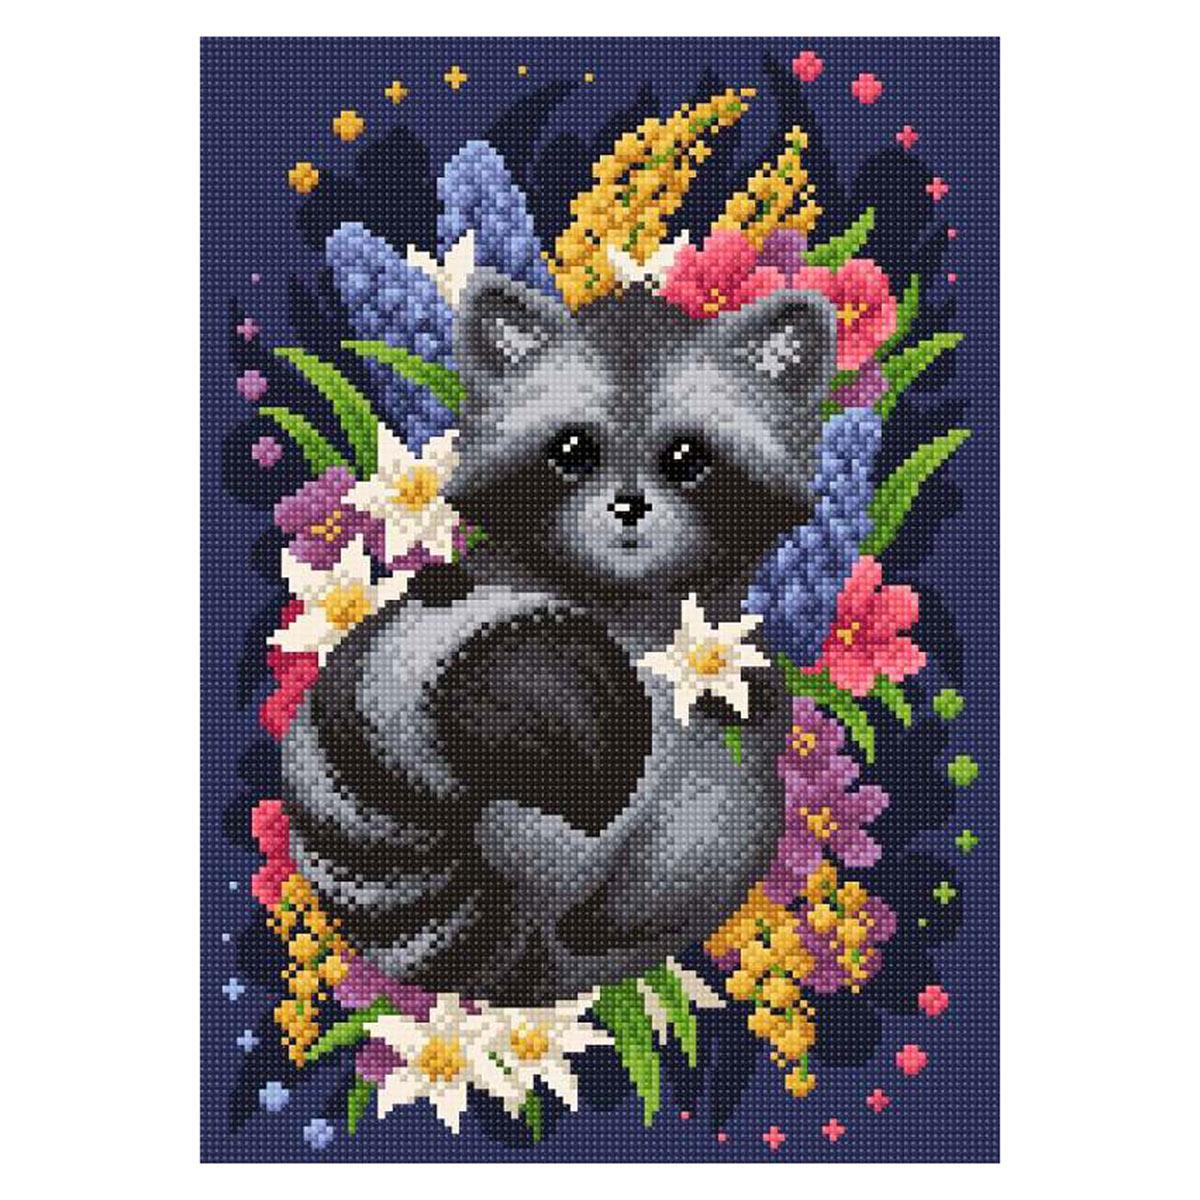 МС-066 Алмазная мозаика ' Весенний енот' 27*38см Brilliart